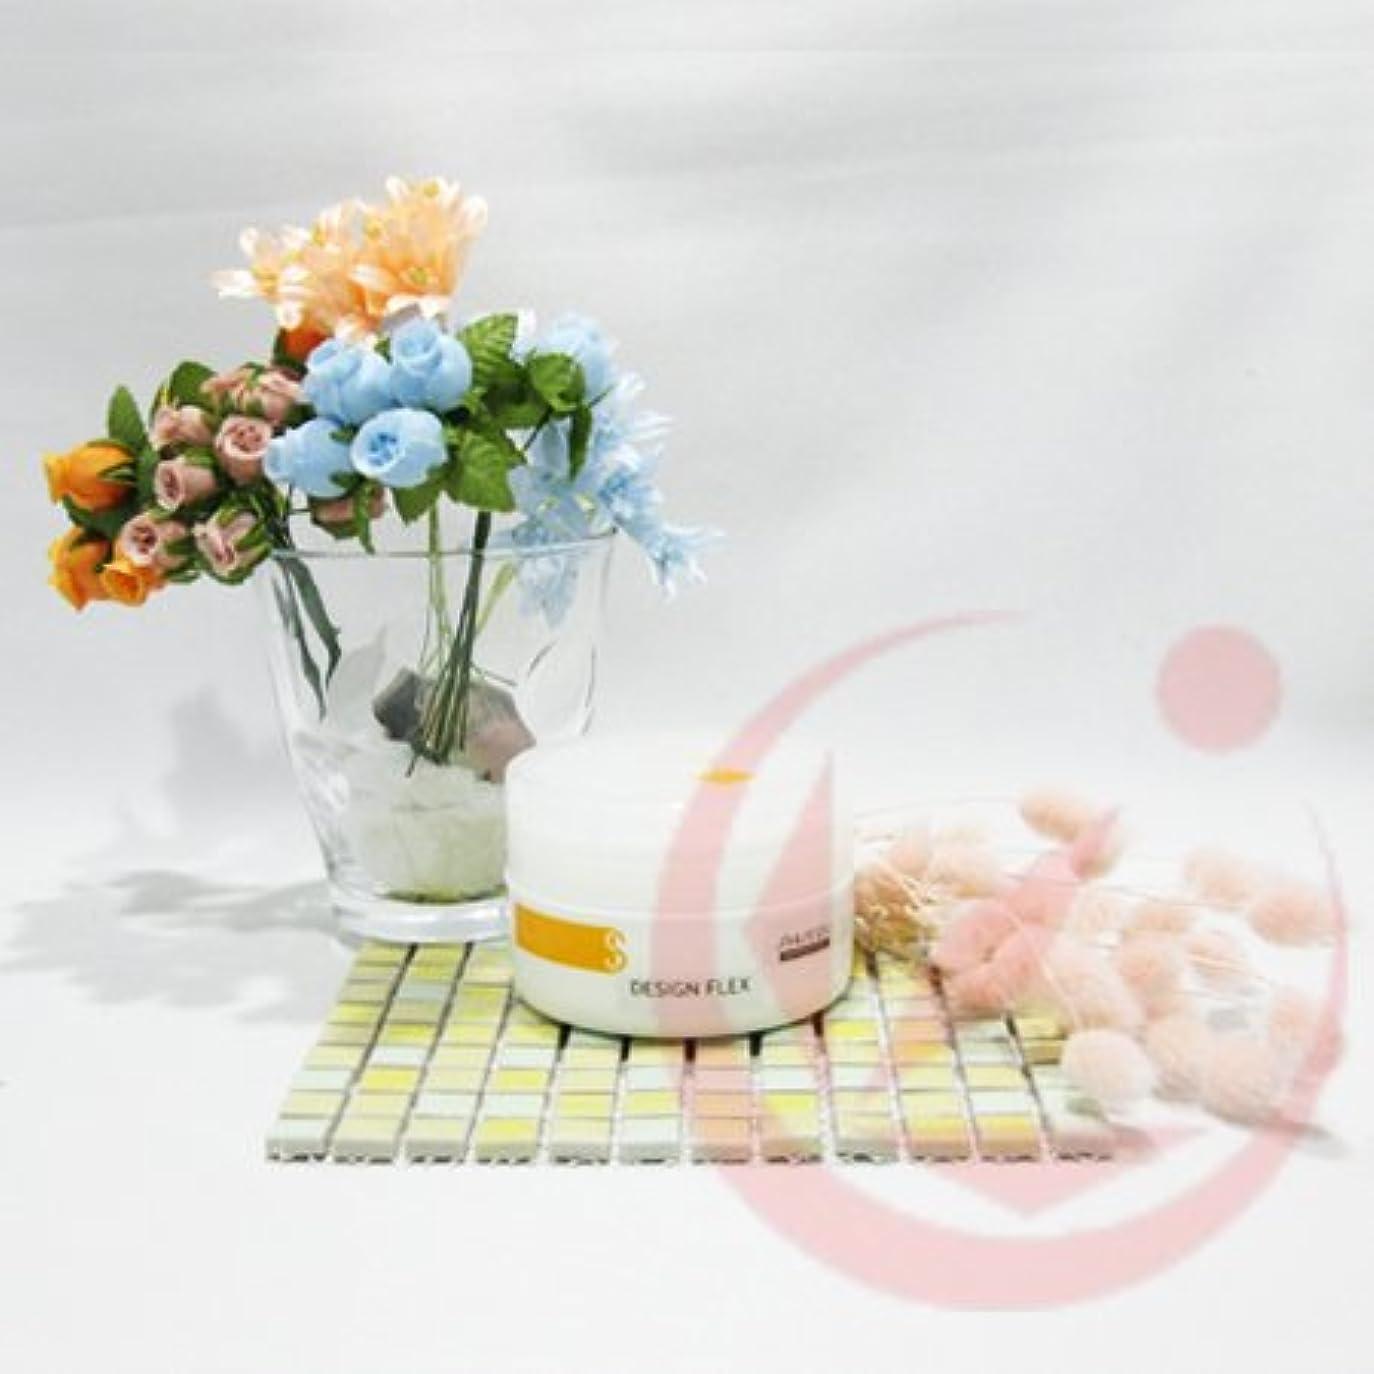 治す段落コンテンポラリー資生堂 デザインフレックス エアテイスト ワックス(ソフト) 90g